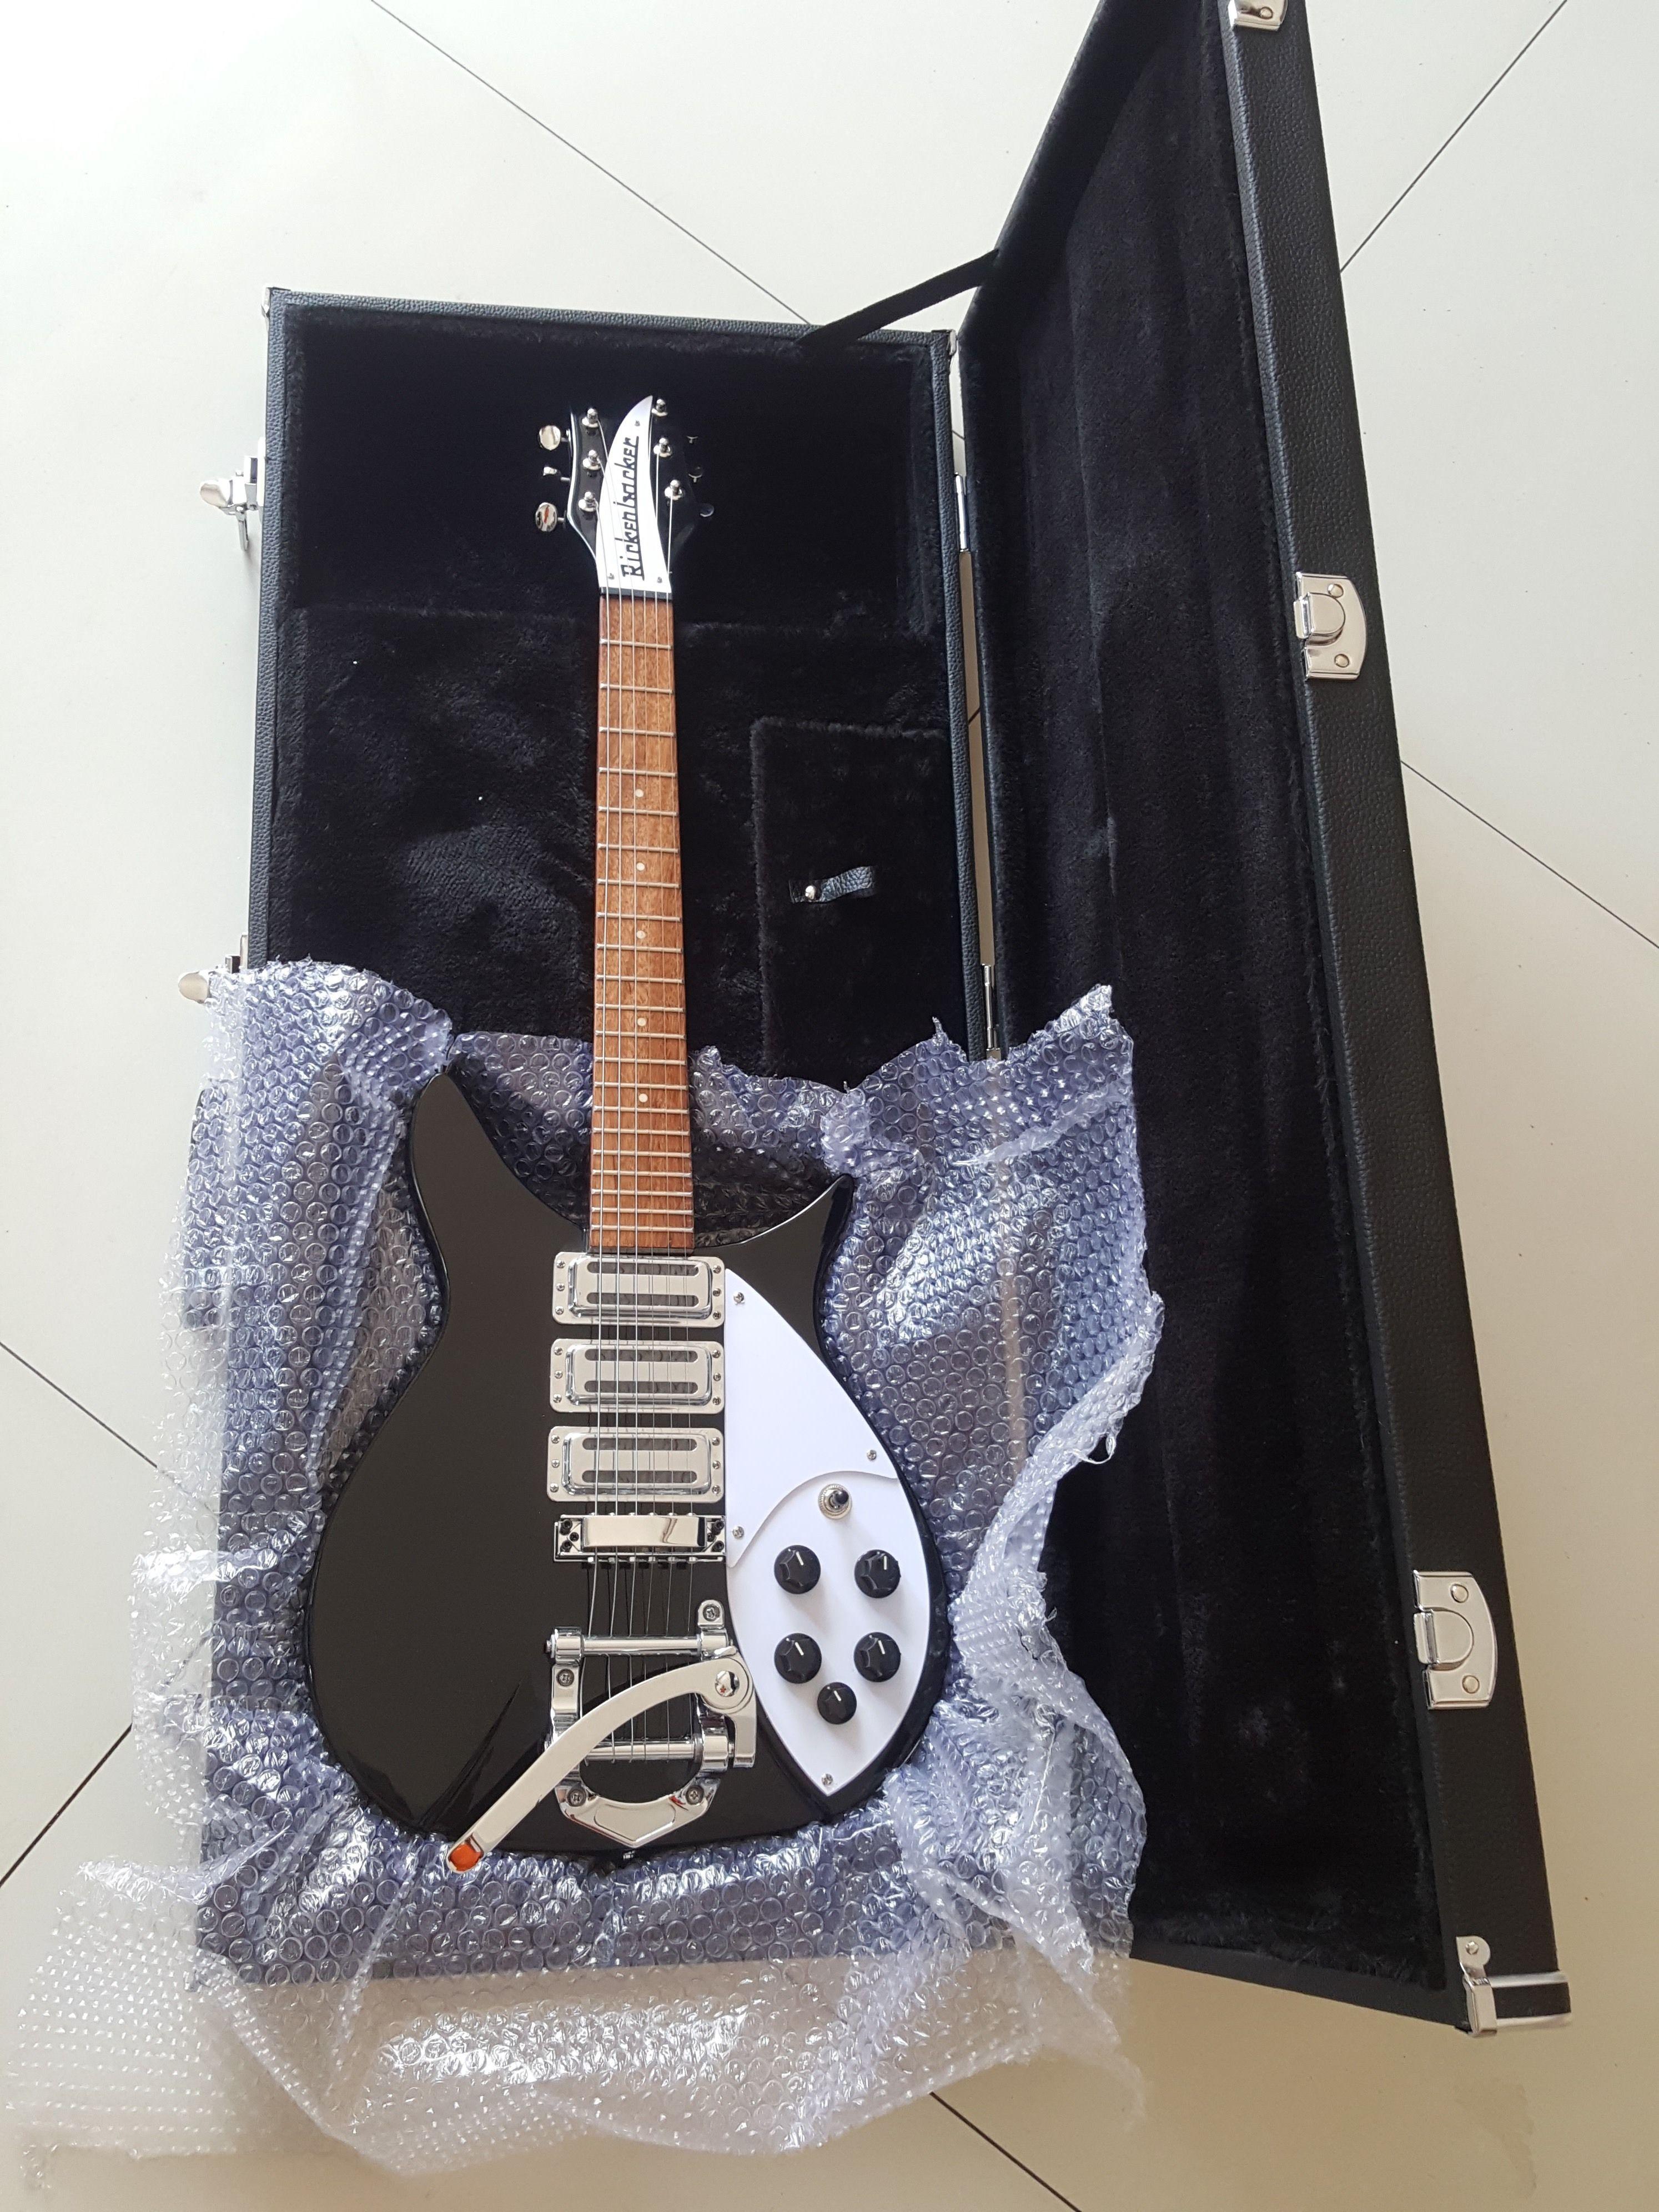 リッケンバッカー タイプ エレキギター 初心者 扱いやすい rickenbacker グローバルカスタムギター 専用ハードケース付き